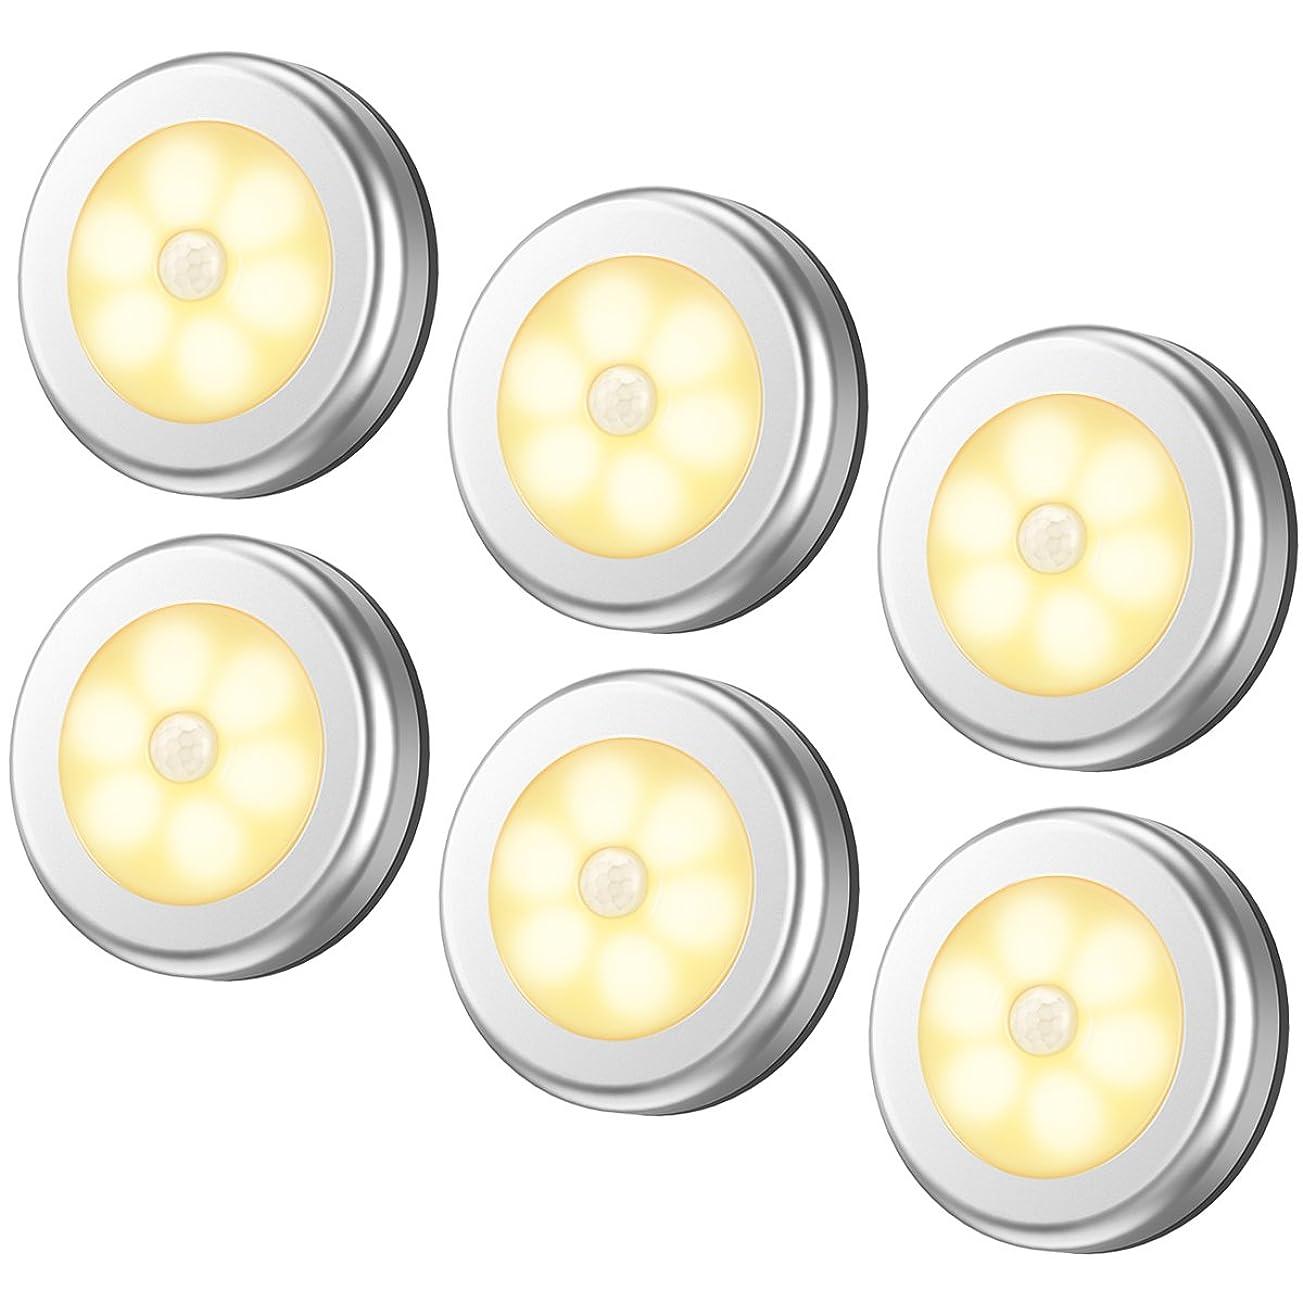 写真を描くする必要がある告発者AMIR LED 人感 センサーライト キッチンライト 電池式 省エネ 自動点灯 消灯 磁石&粘着テープ付き ワイヤレス 小型 階段/廊下/玄関/トイレ 室内照明用 足元ライト 電球色 6個セット